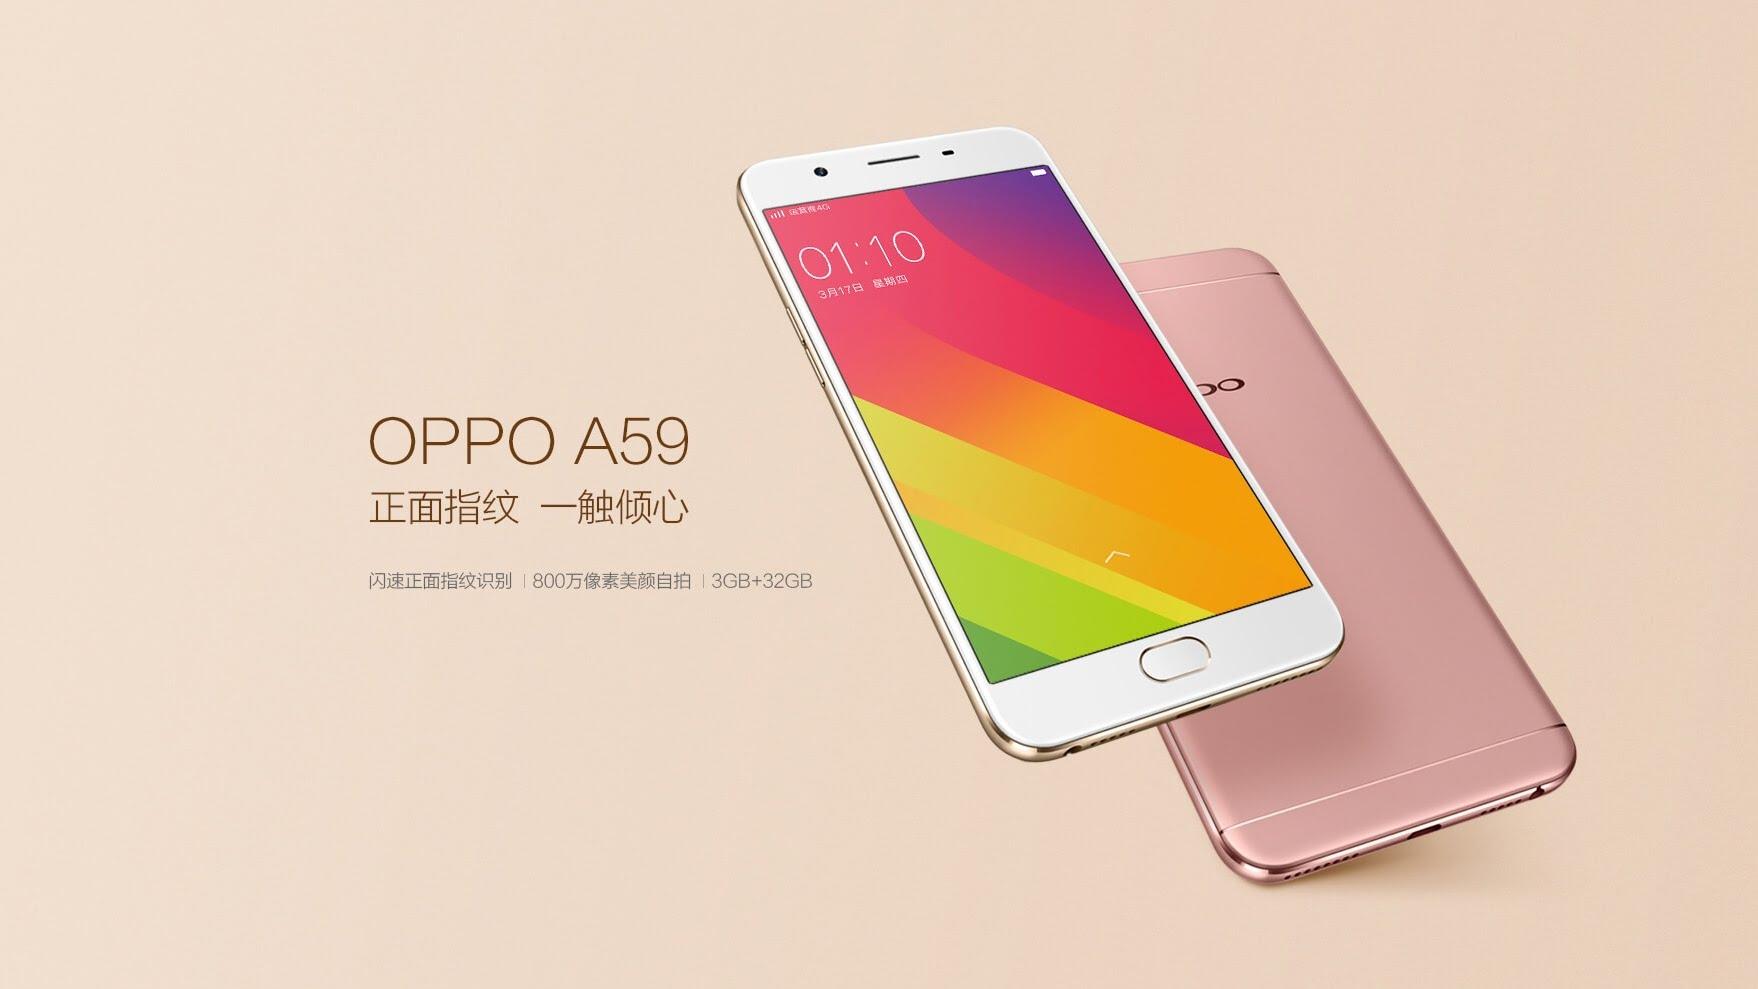 เปิดตัว Oppo A59 สมาร์ทโฟนระดับกลาง สเปคดี ราคาไม่ถึงหมื่น